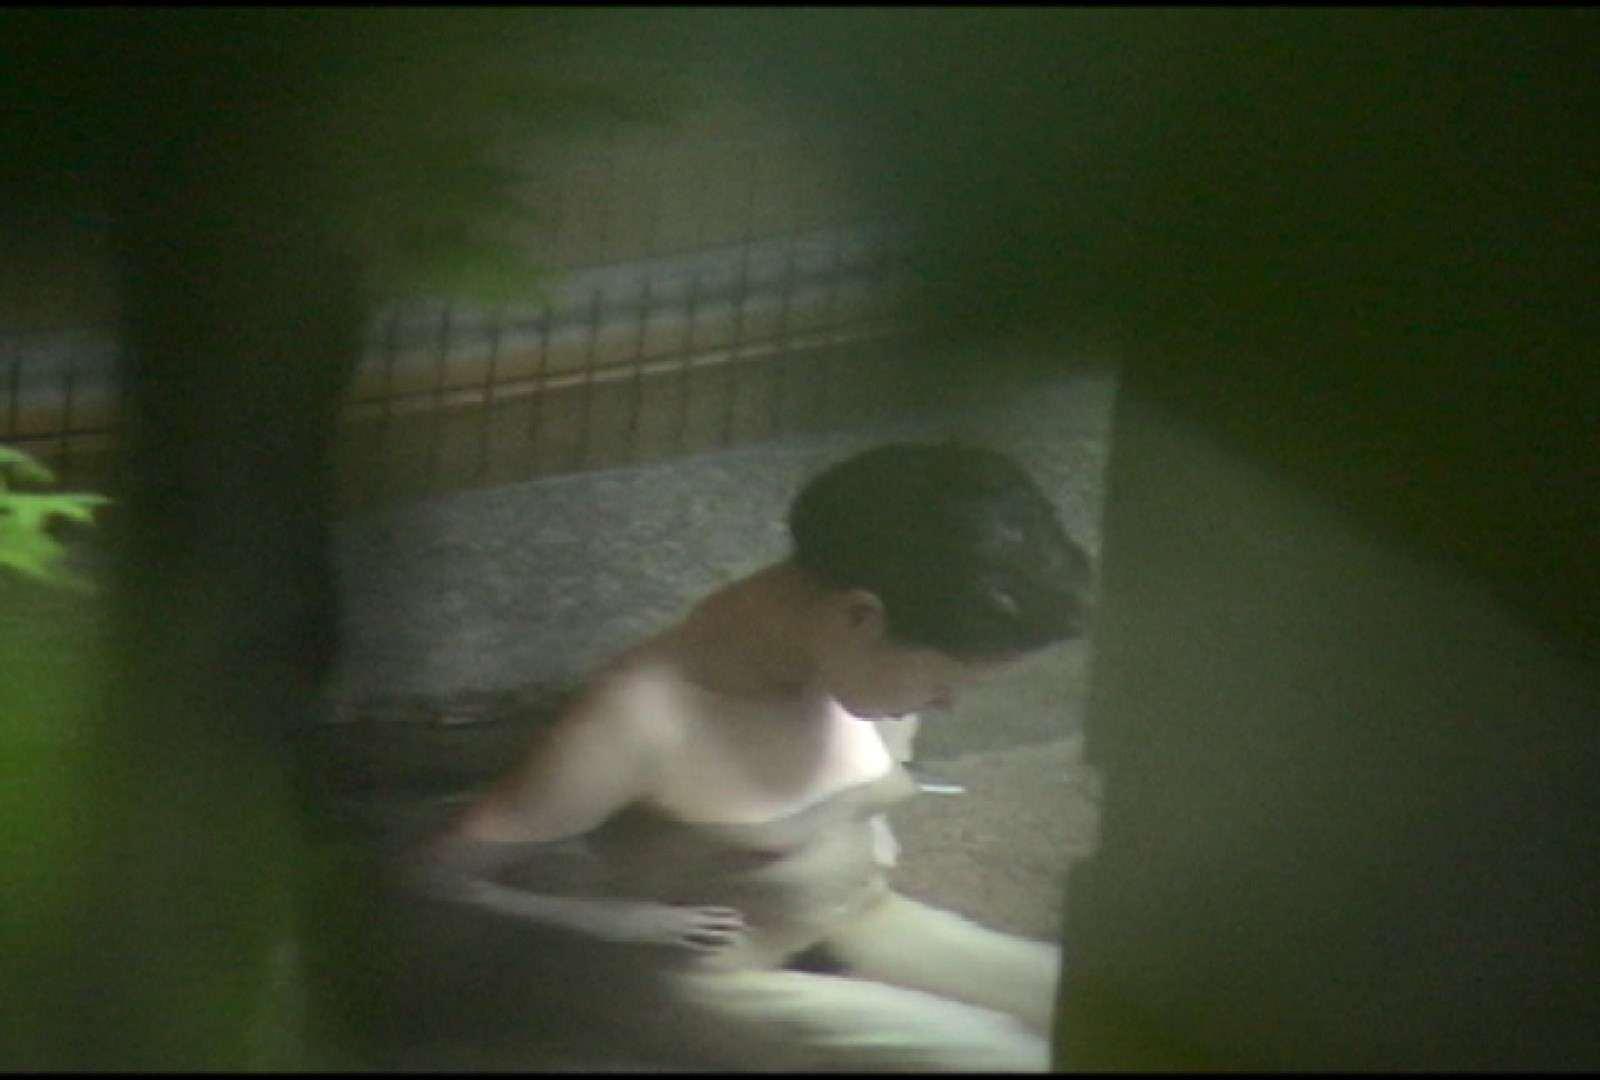 Aquaな露天風呂Vol.699 美しいOLの裸体  101pic 6